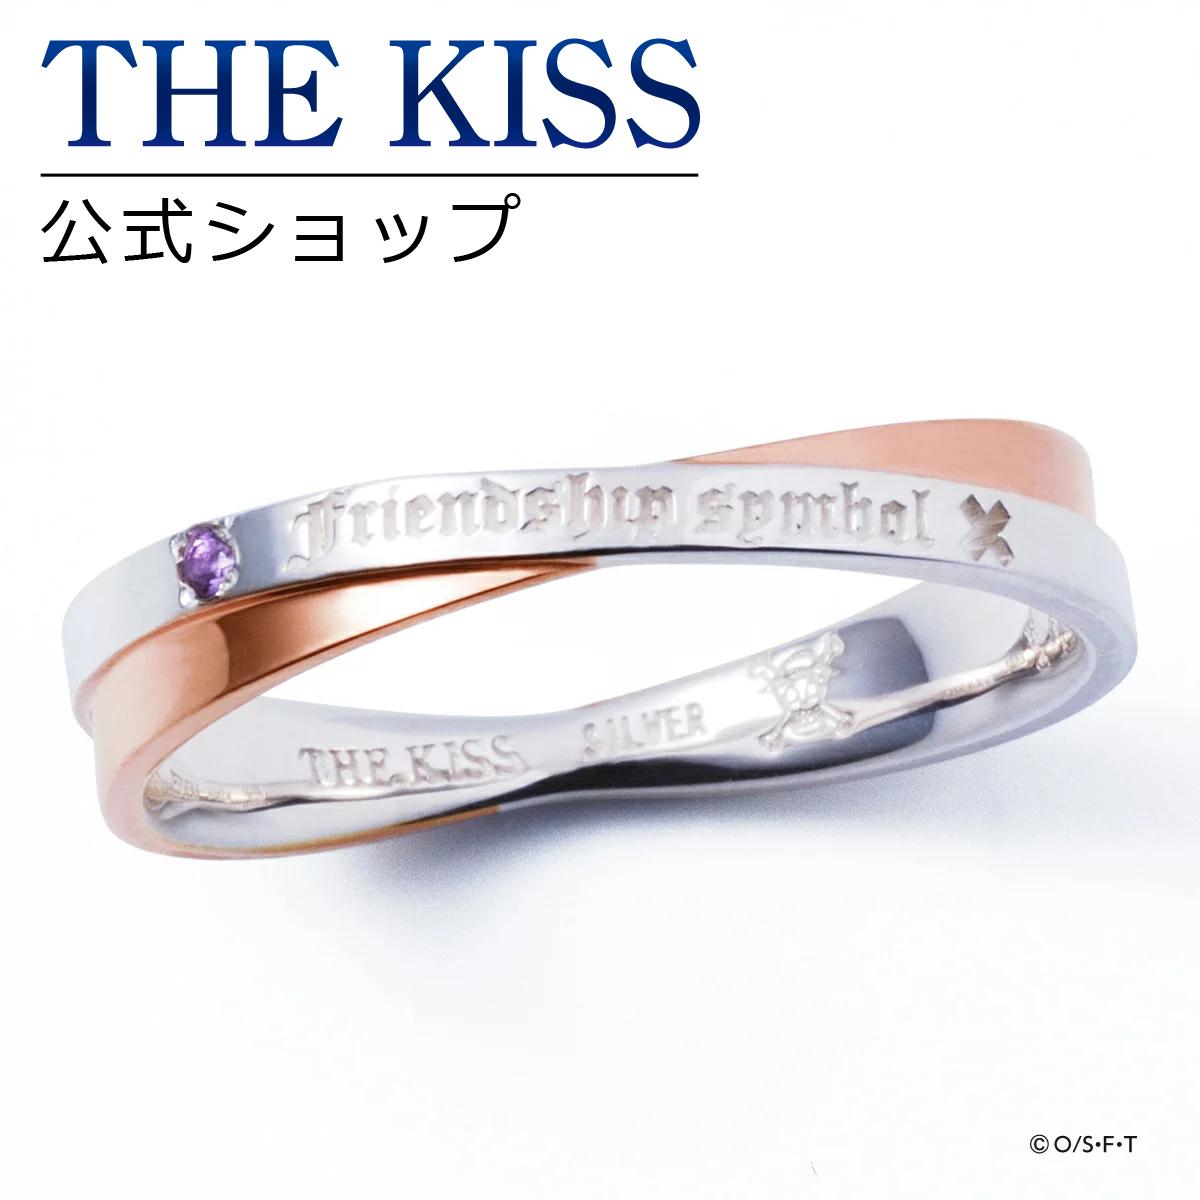 【あす楽対応】【送料無料】【ペアリング】【ONE PIECE】麦わらの一味 ペアリング ロビンVer. アメジスト シルバーリング☆ THE KISS シルバ- ペア リング 指輪 ブランド SILVER Pair Ring couple